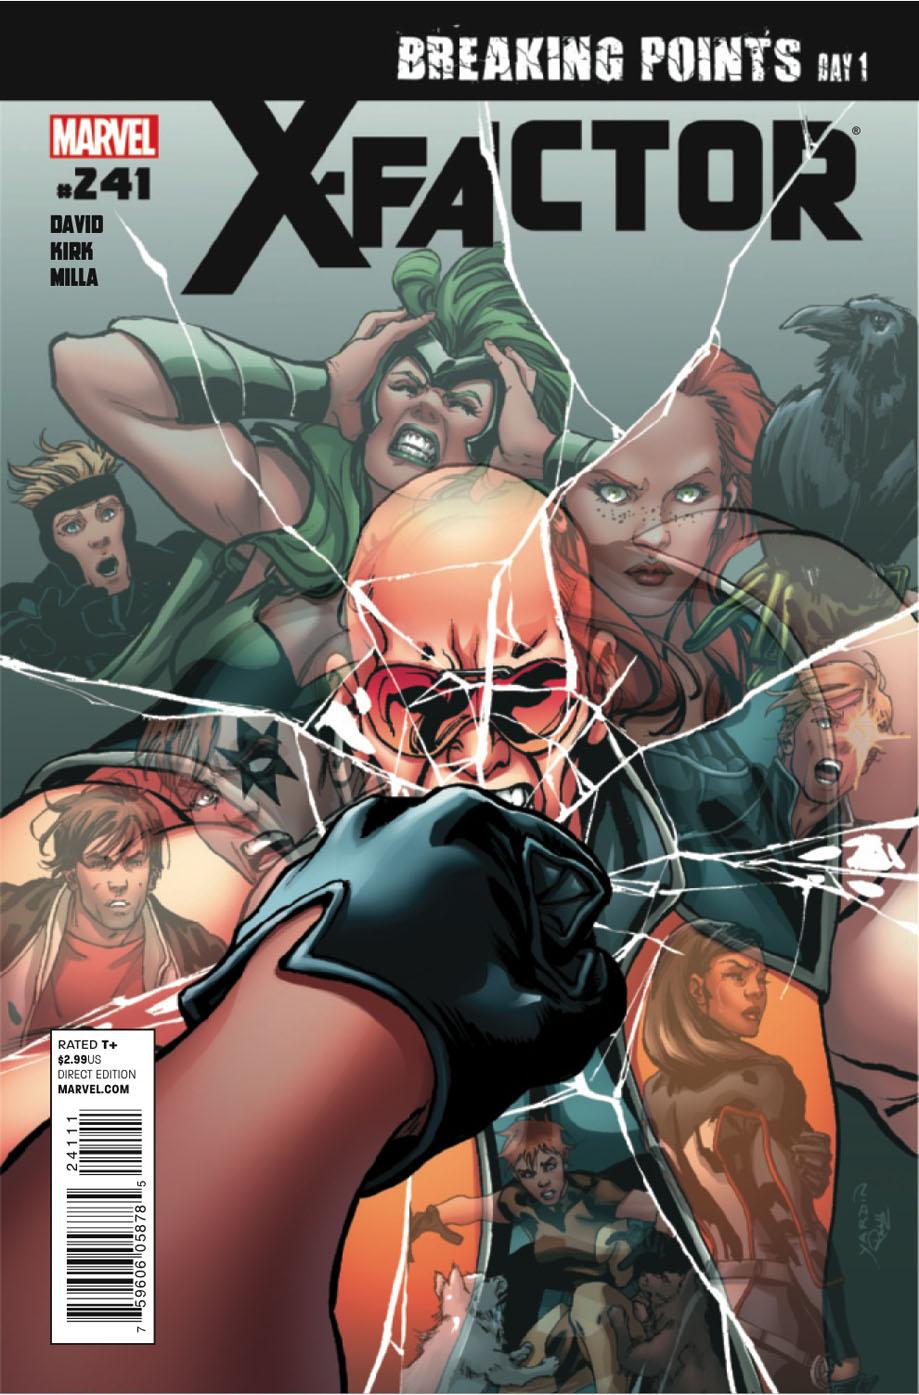 X-Factor # 241 (preview) Xfactor241c